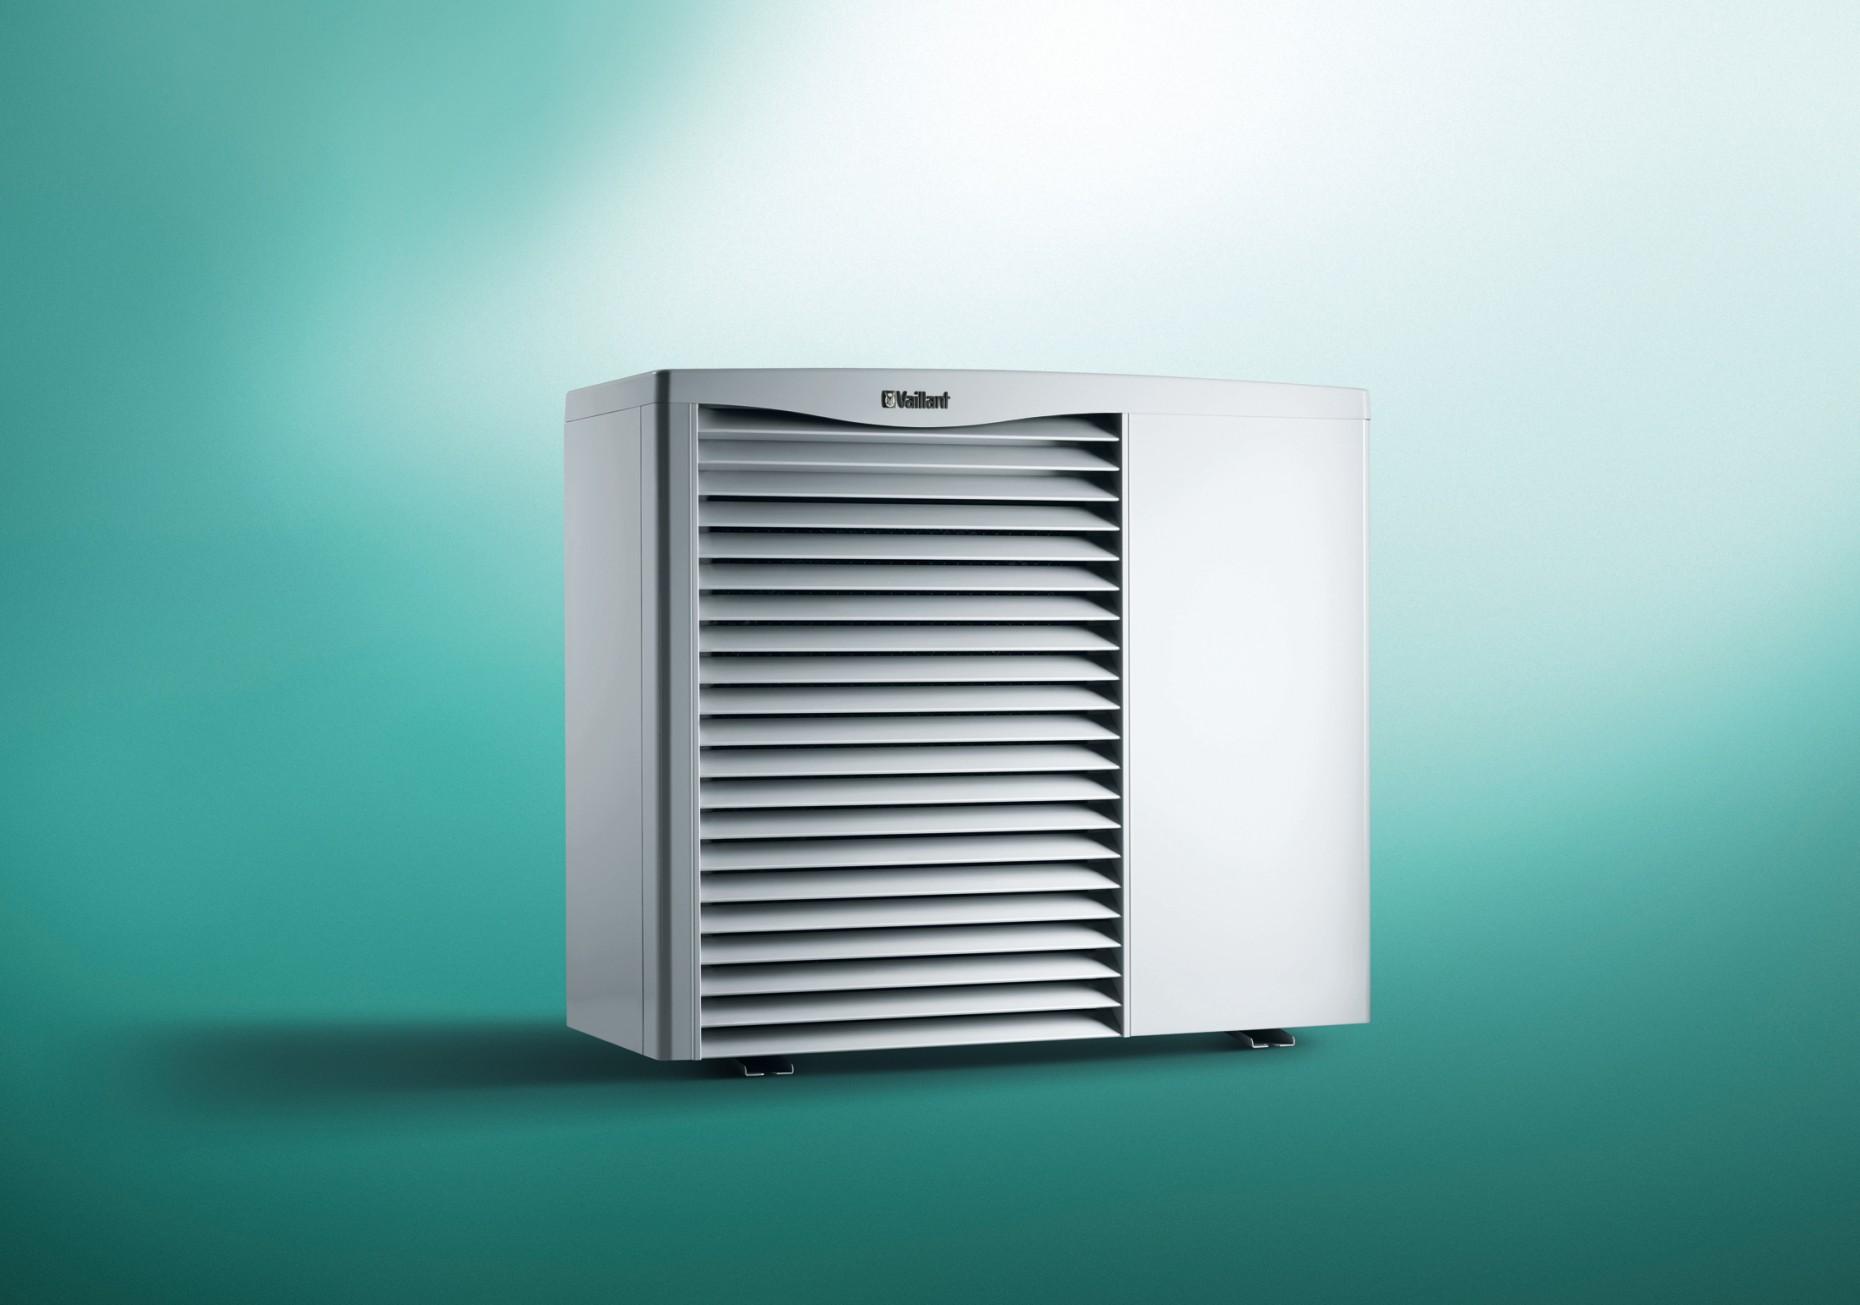 pompe a chaleur avis pompe a chaleur pac air eau arothermie de marque toshiba avec chaudire gaz. Black Bedroom Furniture Sets. Home Design Ideas